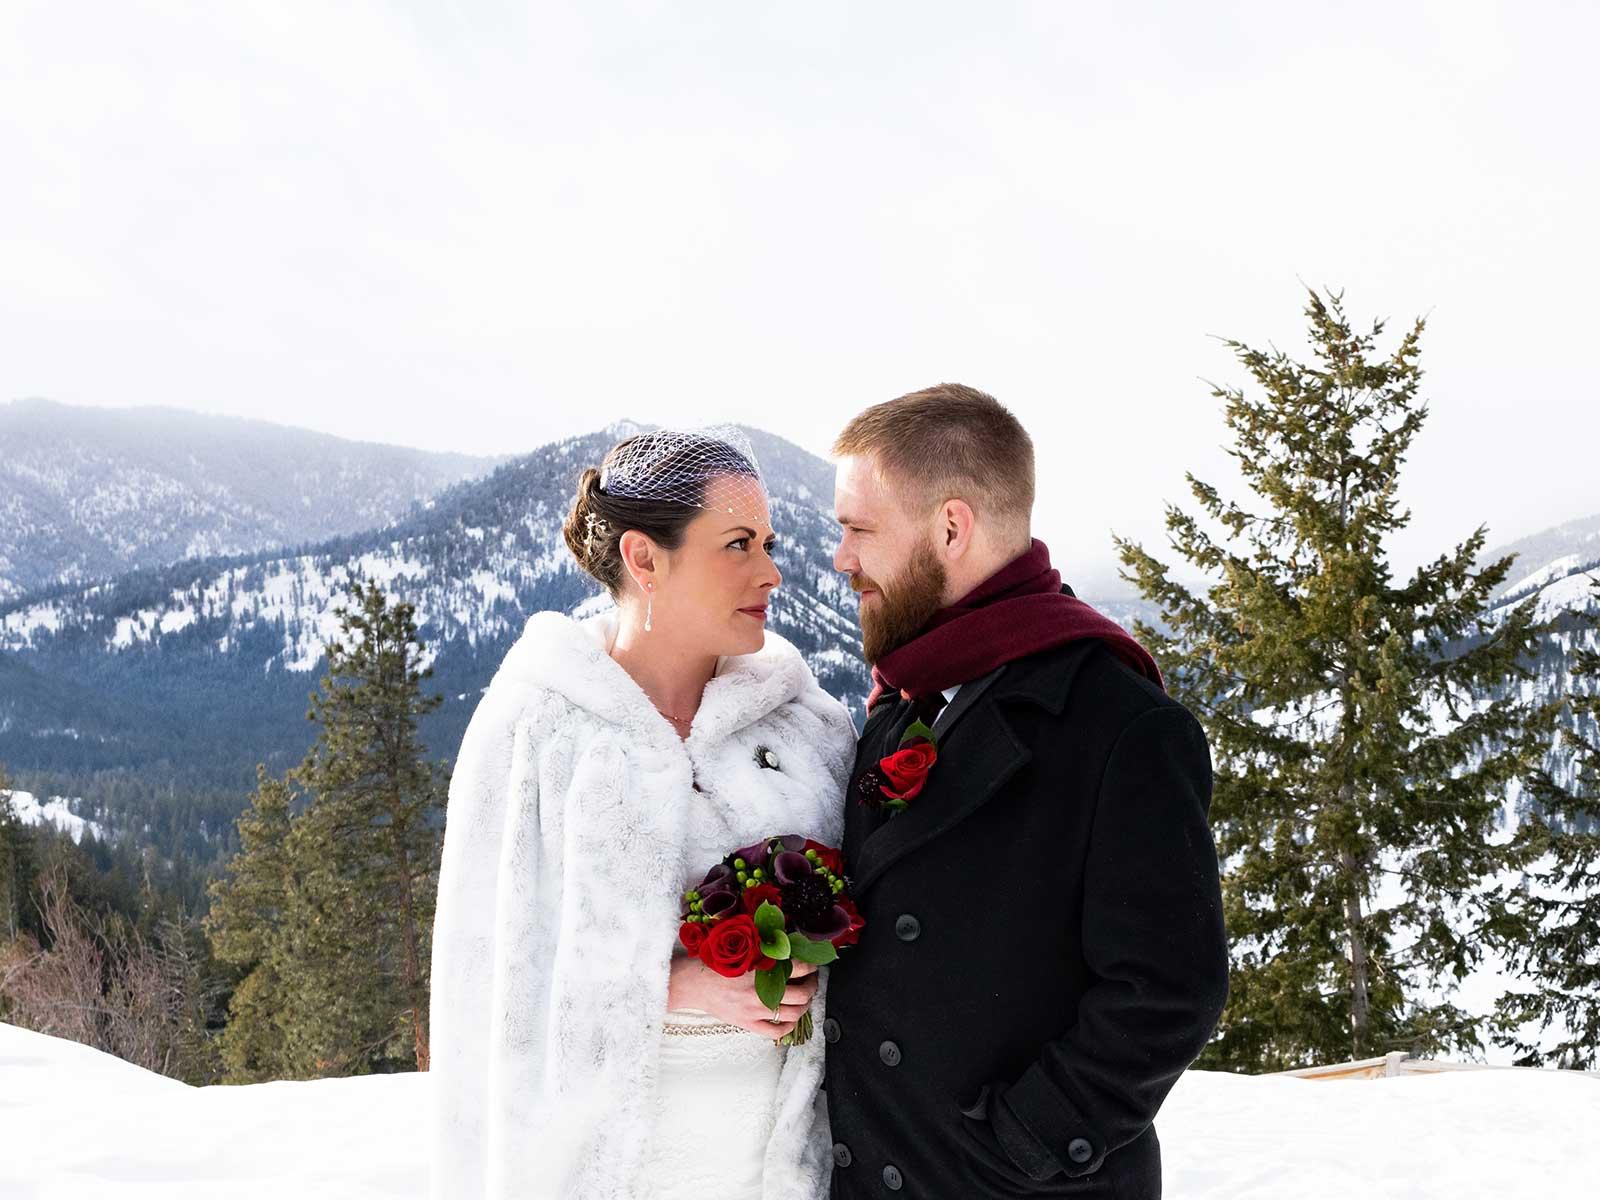 Allison Chris wedding bluff view